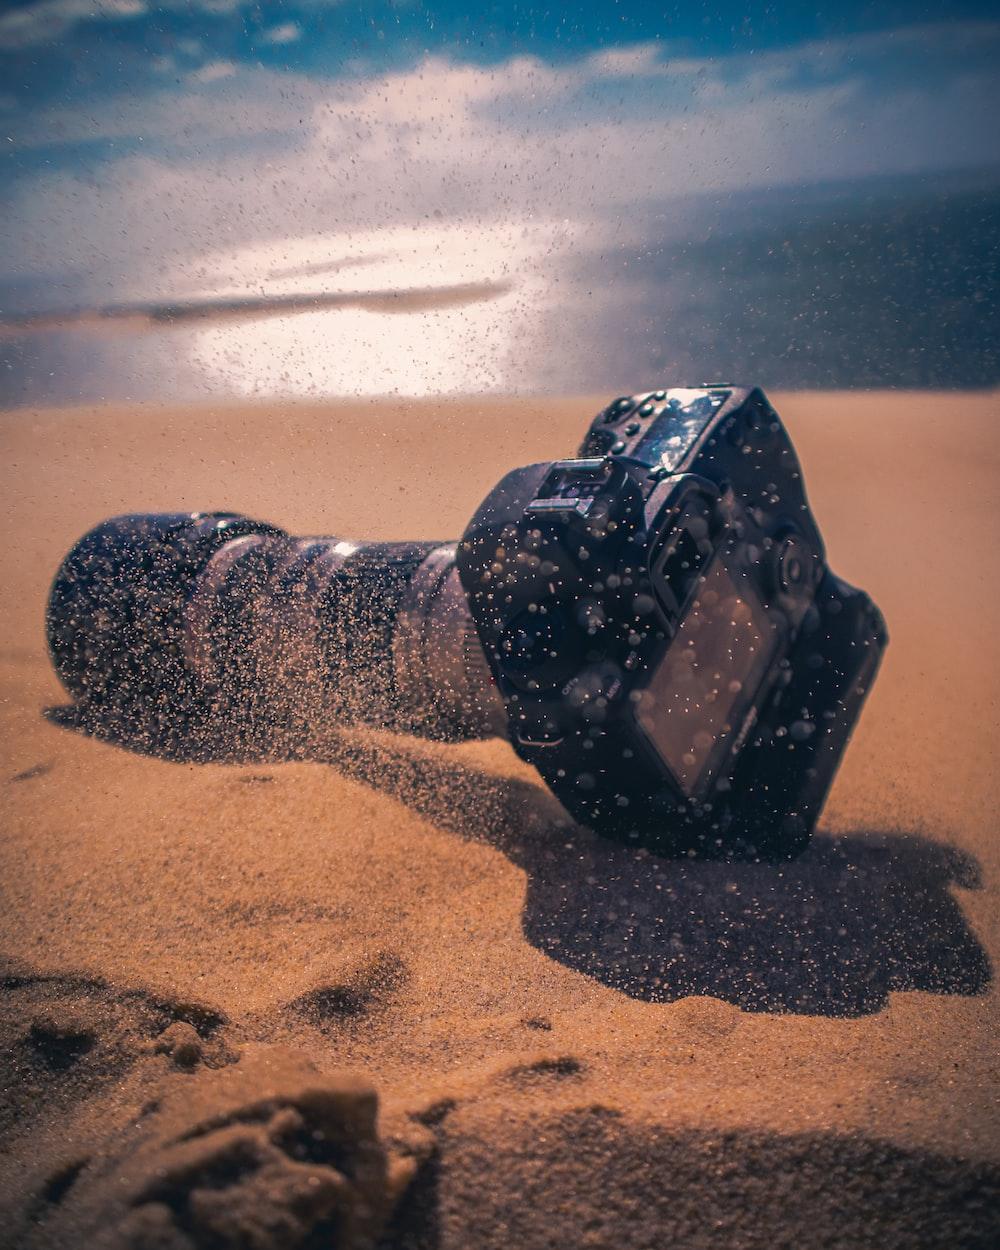 black DSLR camera on sand